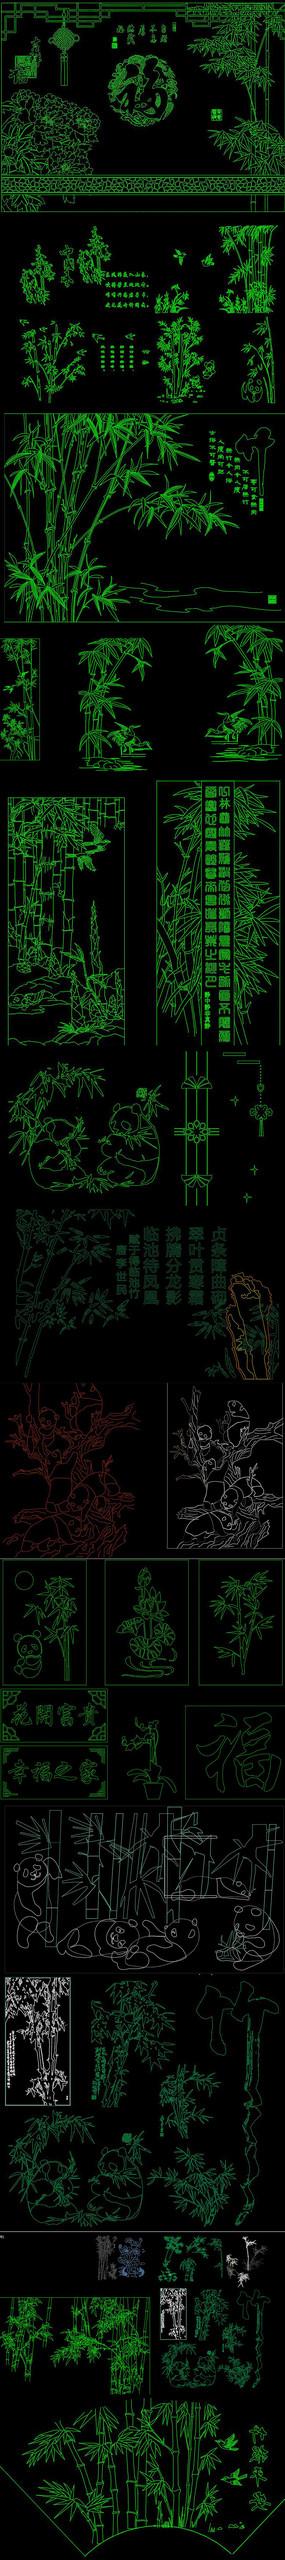 竹子新中式圖案CAD匯總